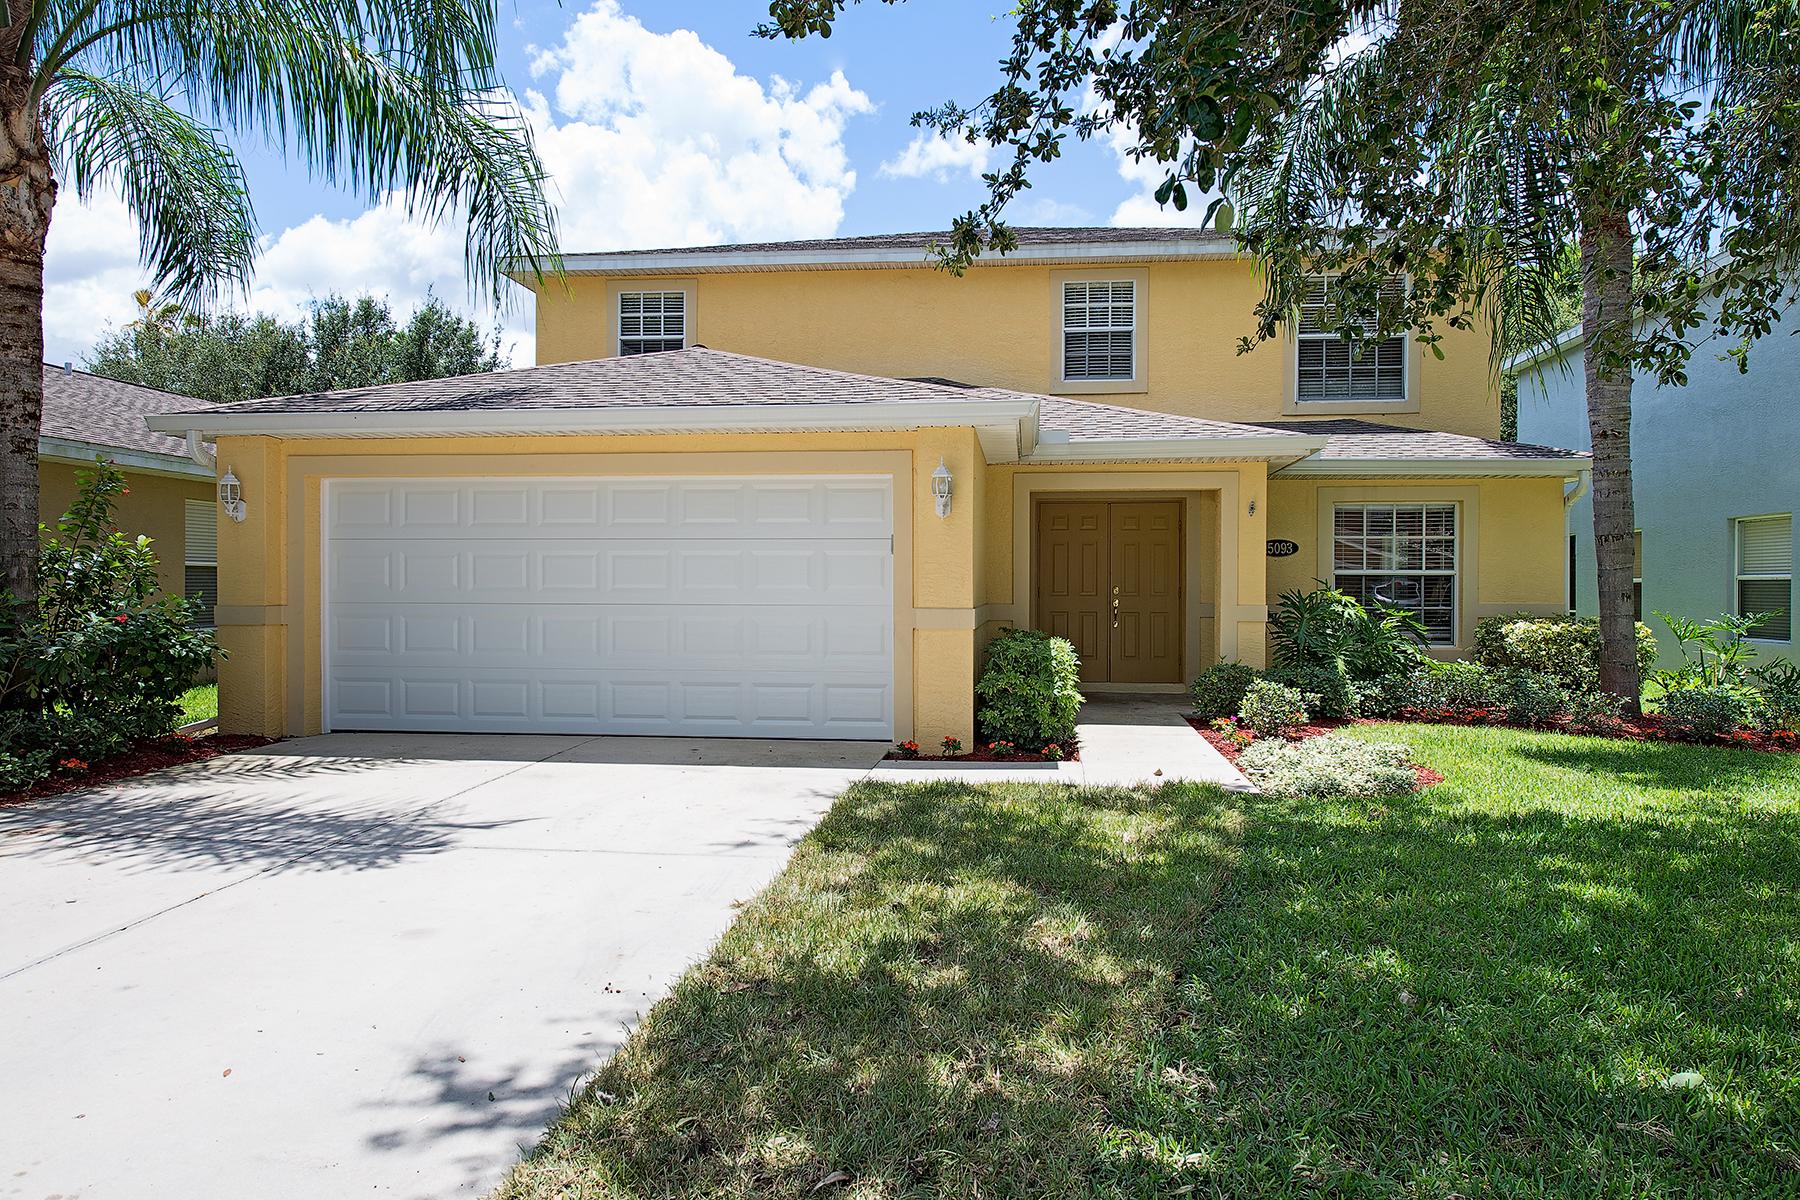 Maison unifamiliale pour l Vente à Indigo Lakes 15093 Topsail Ct Naples, Florida 34119 États-Unis